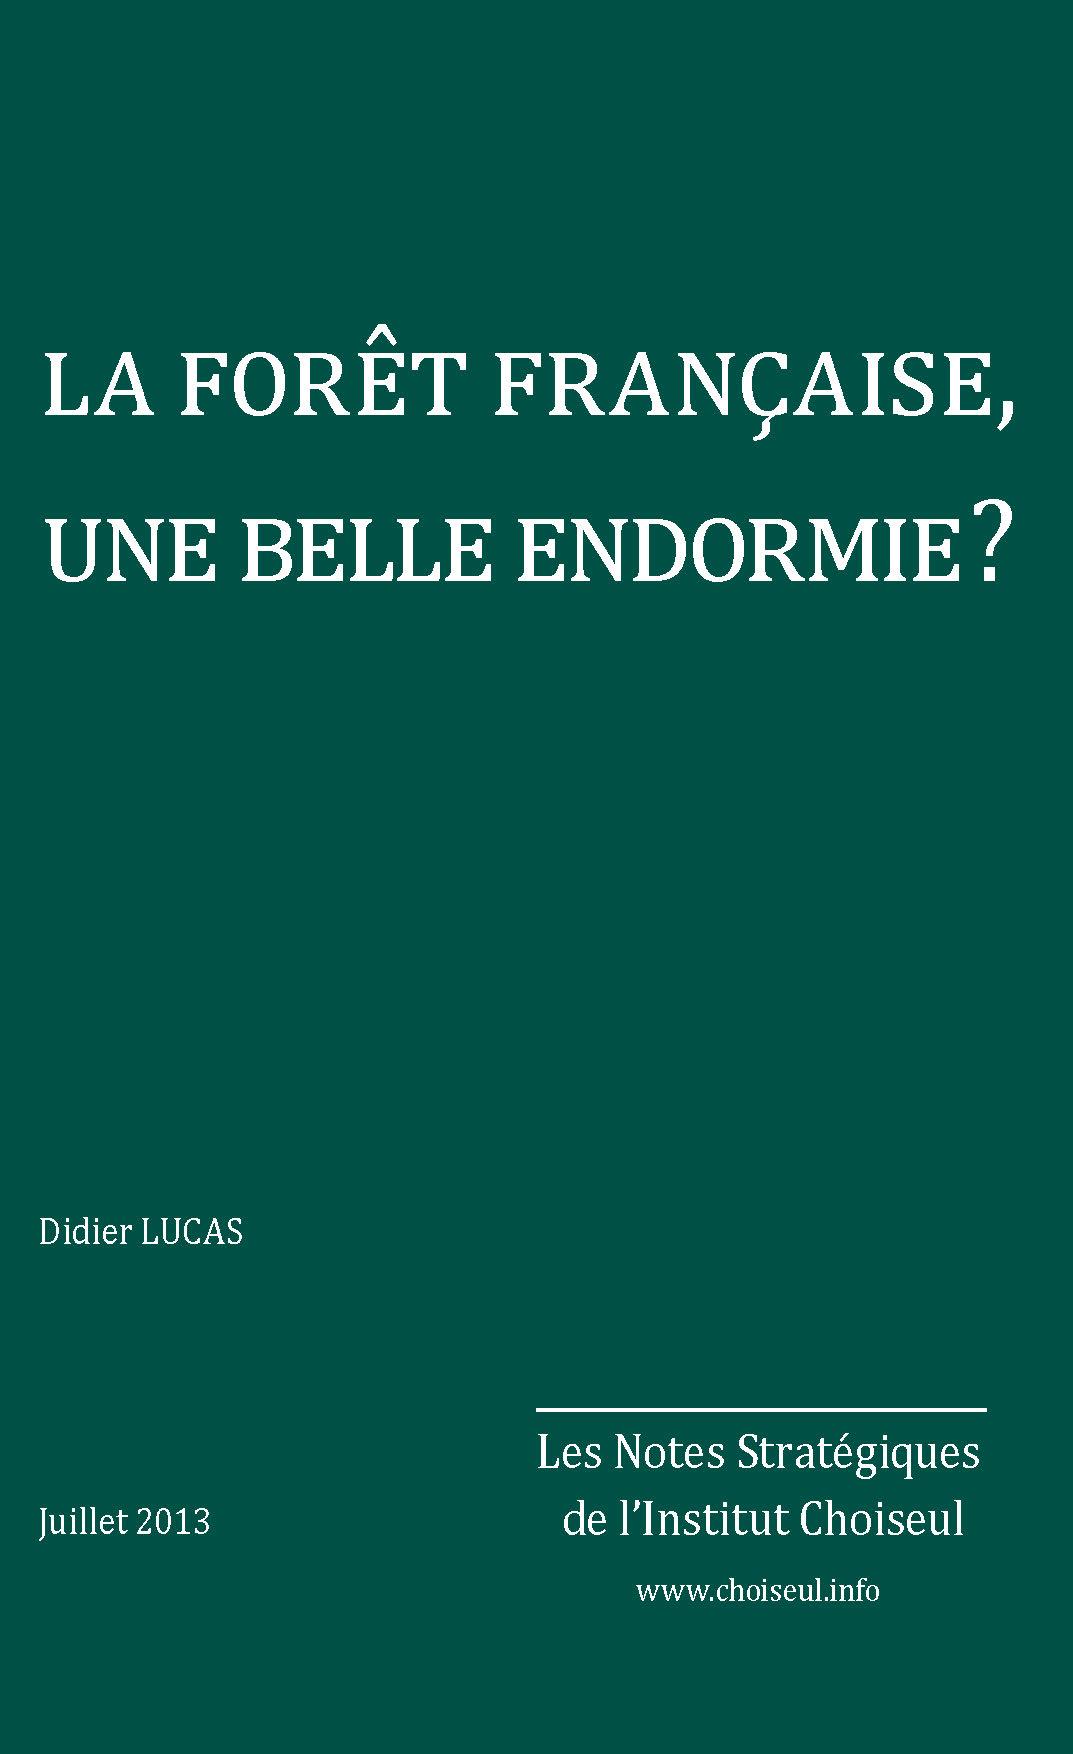 La forêt française, une belle endormie?